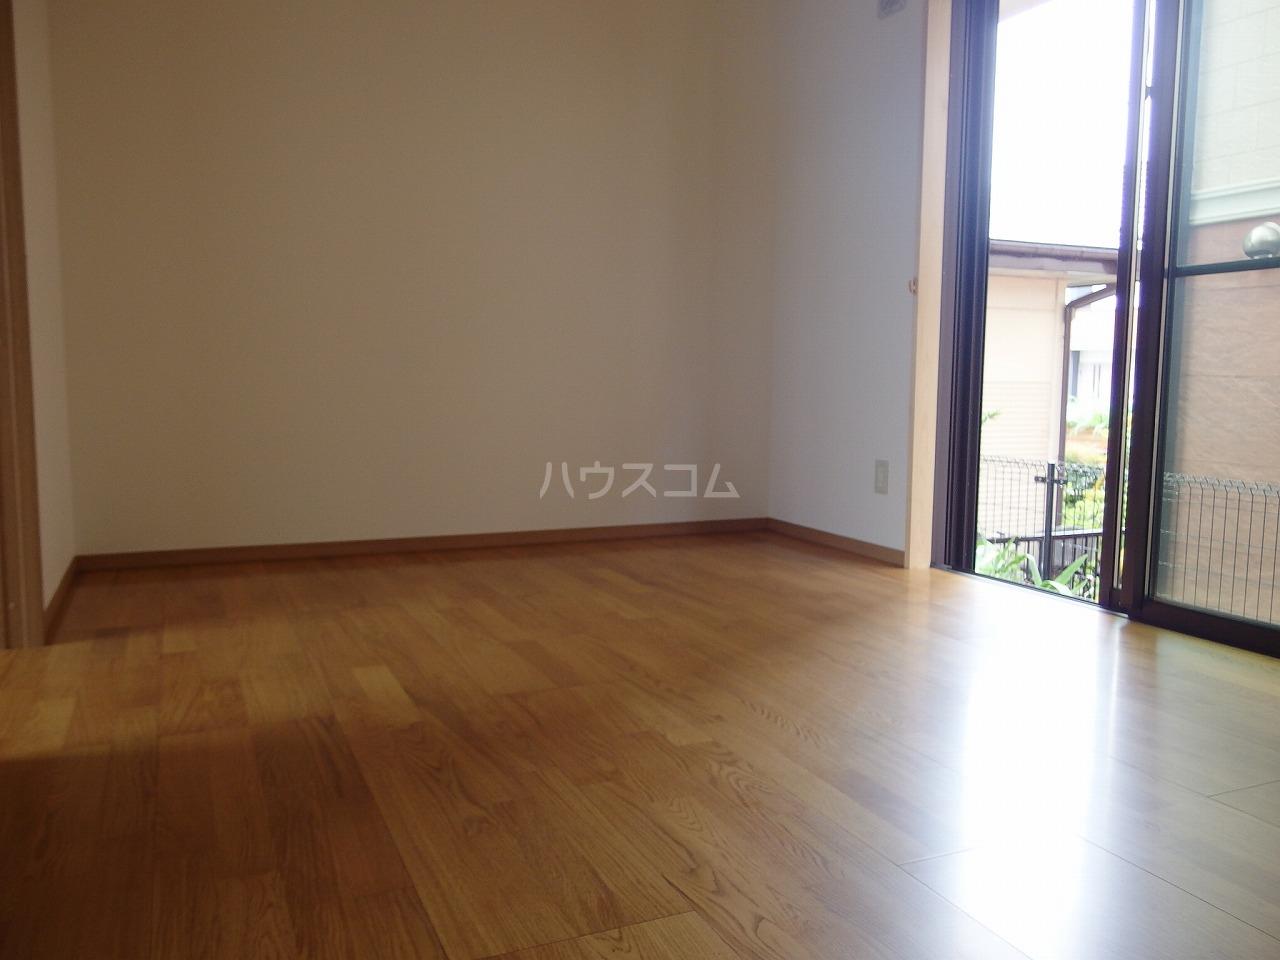 大成貸家の居室